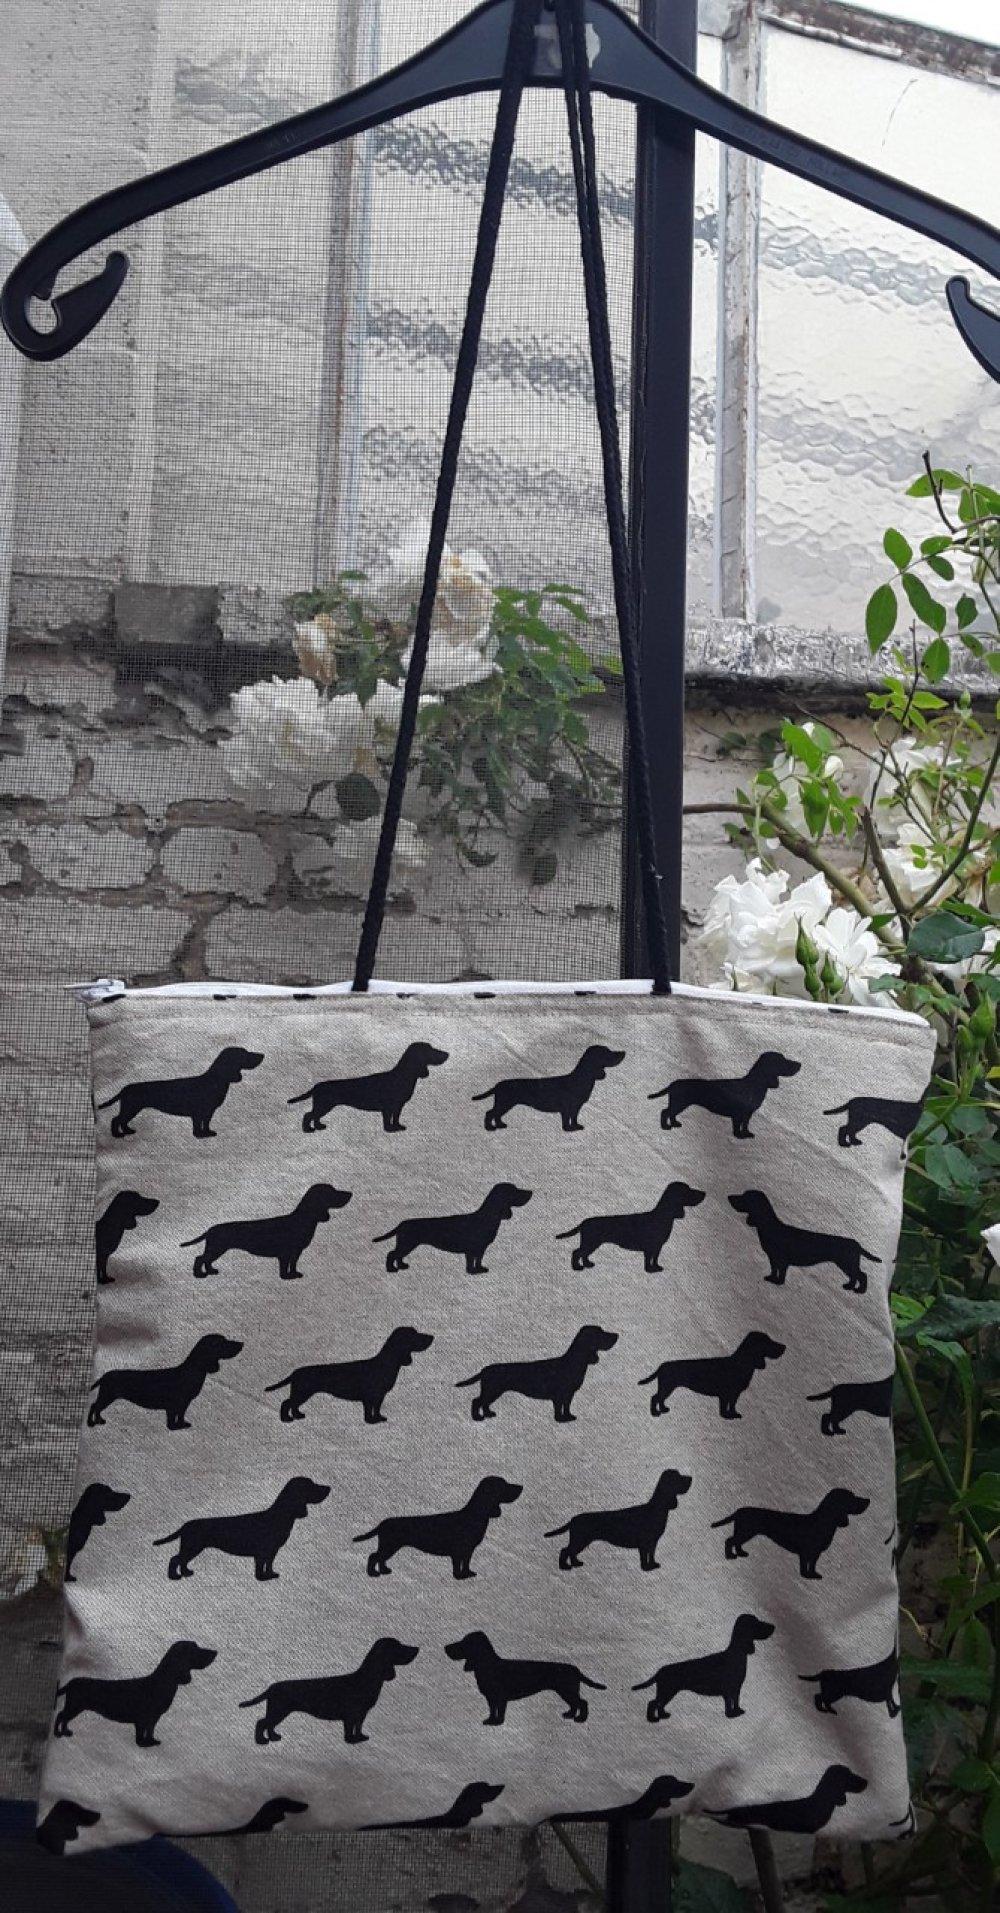 sac coton, teckels noirs, chiens, coton beige, anses, noires, tirette, doublée, poche, 29/29cm